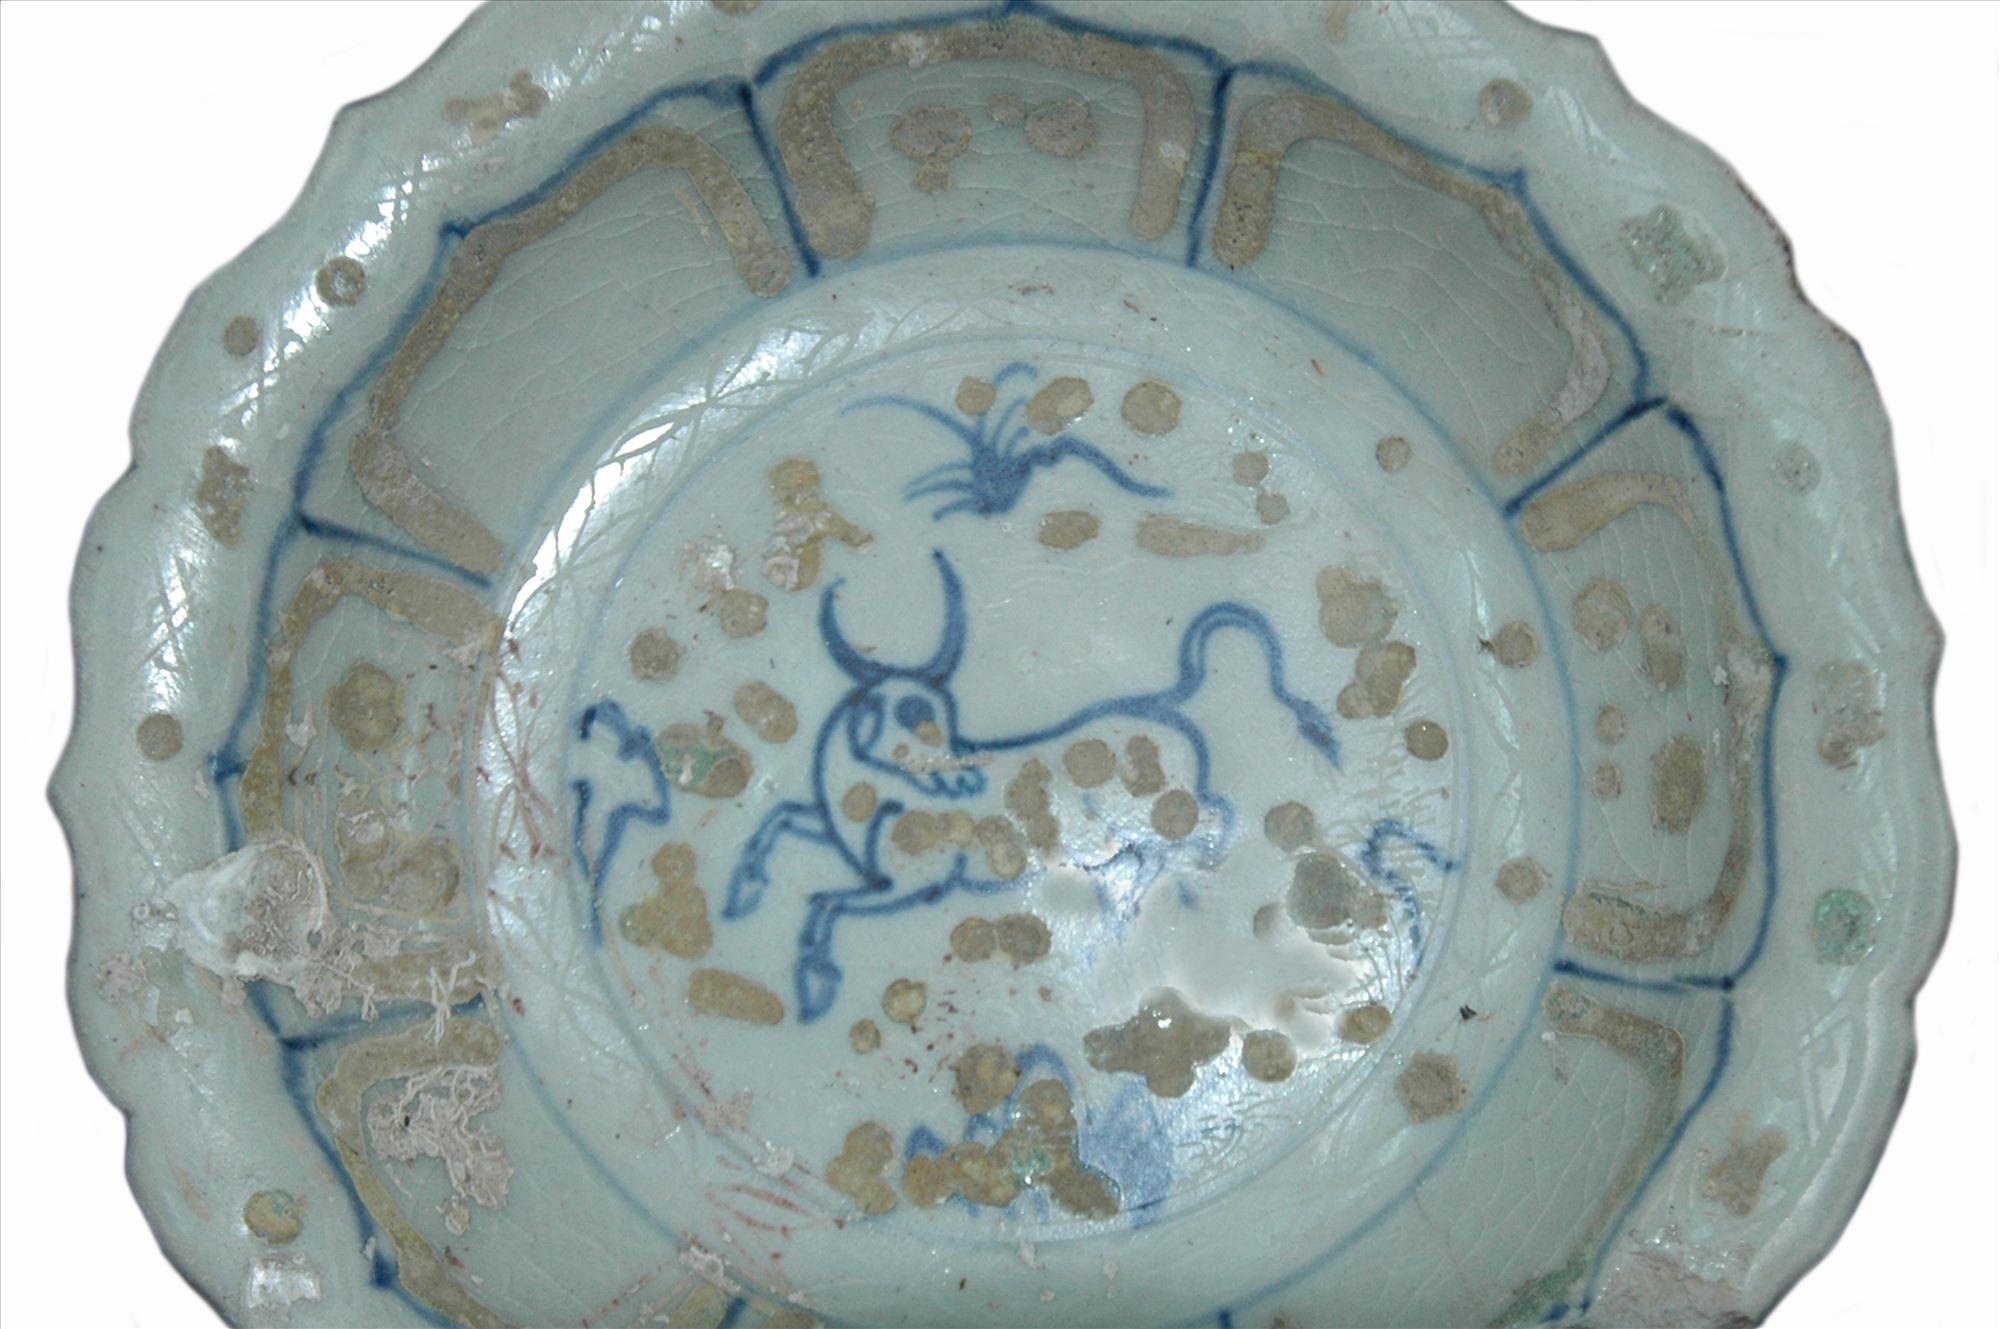 Hình tượng con trâu trang trí trong lòng đĩa nhỏ có thùy.